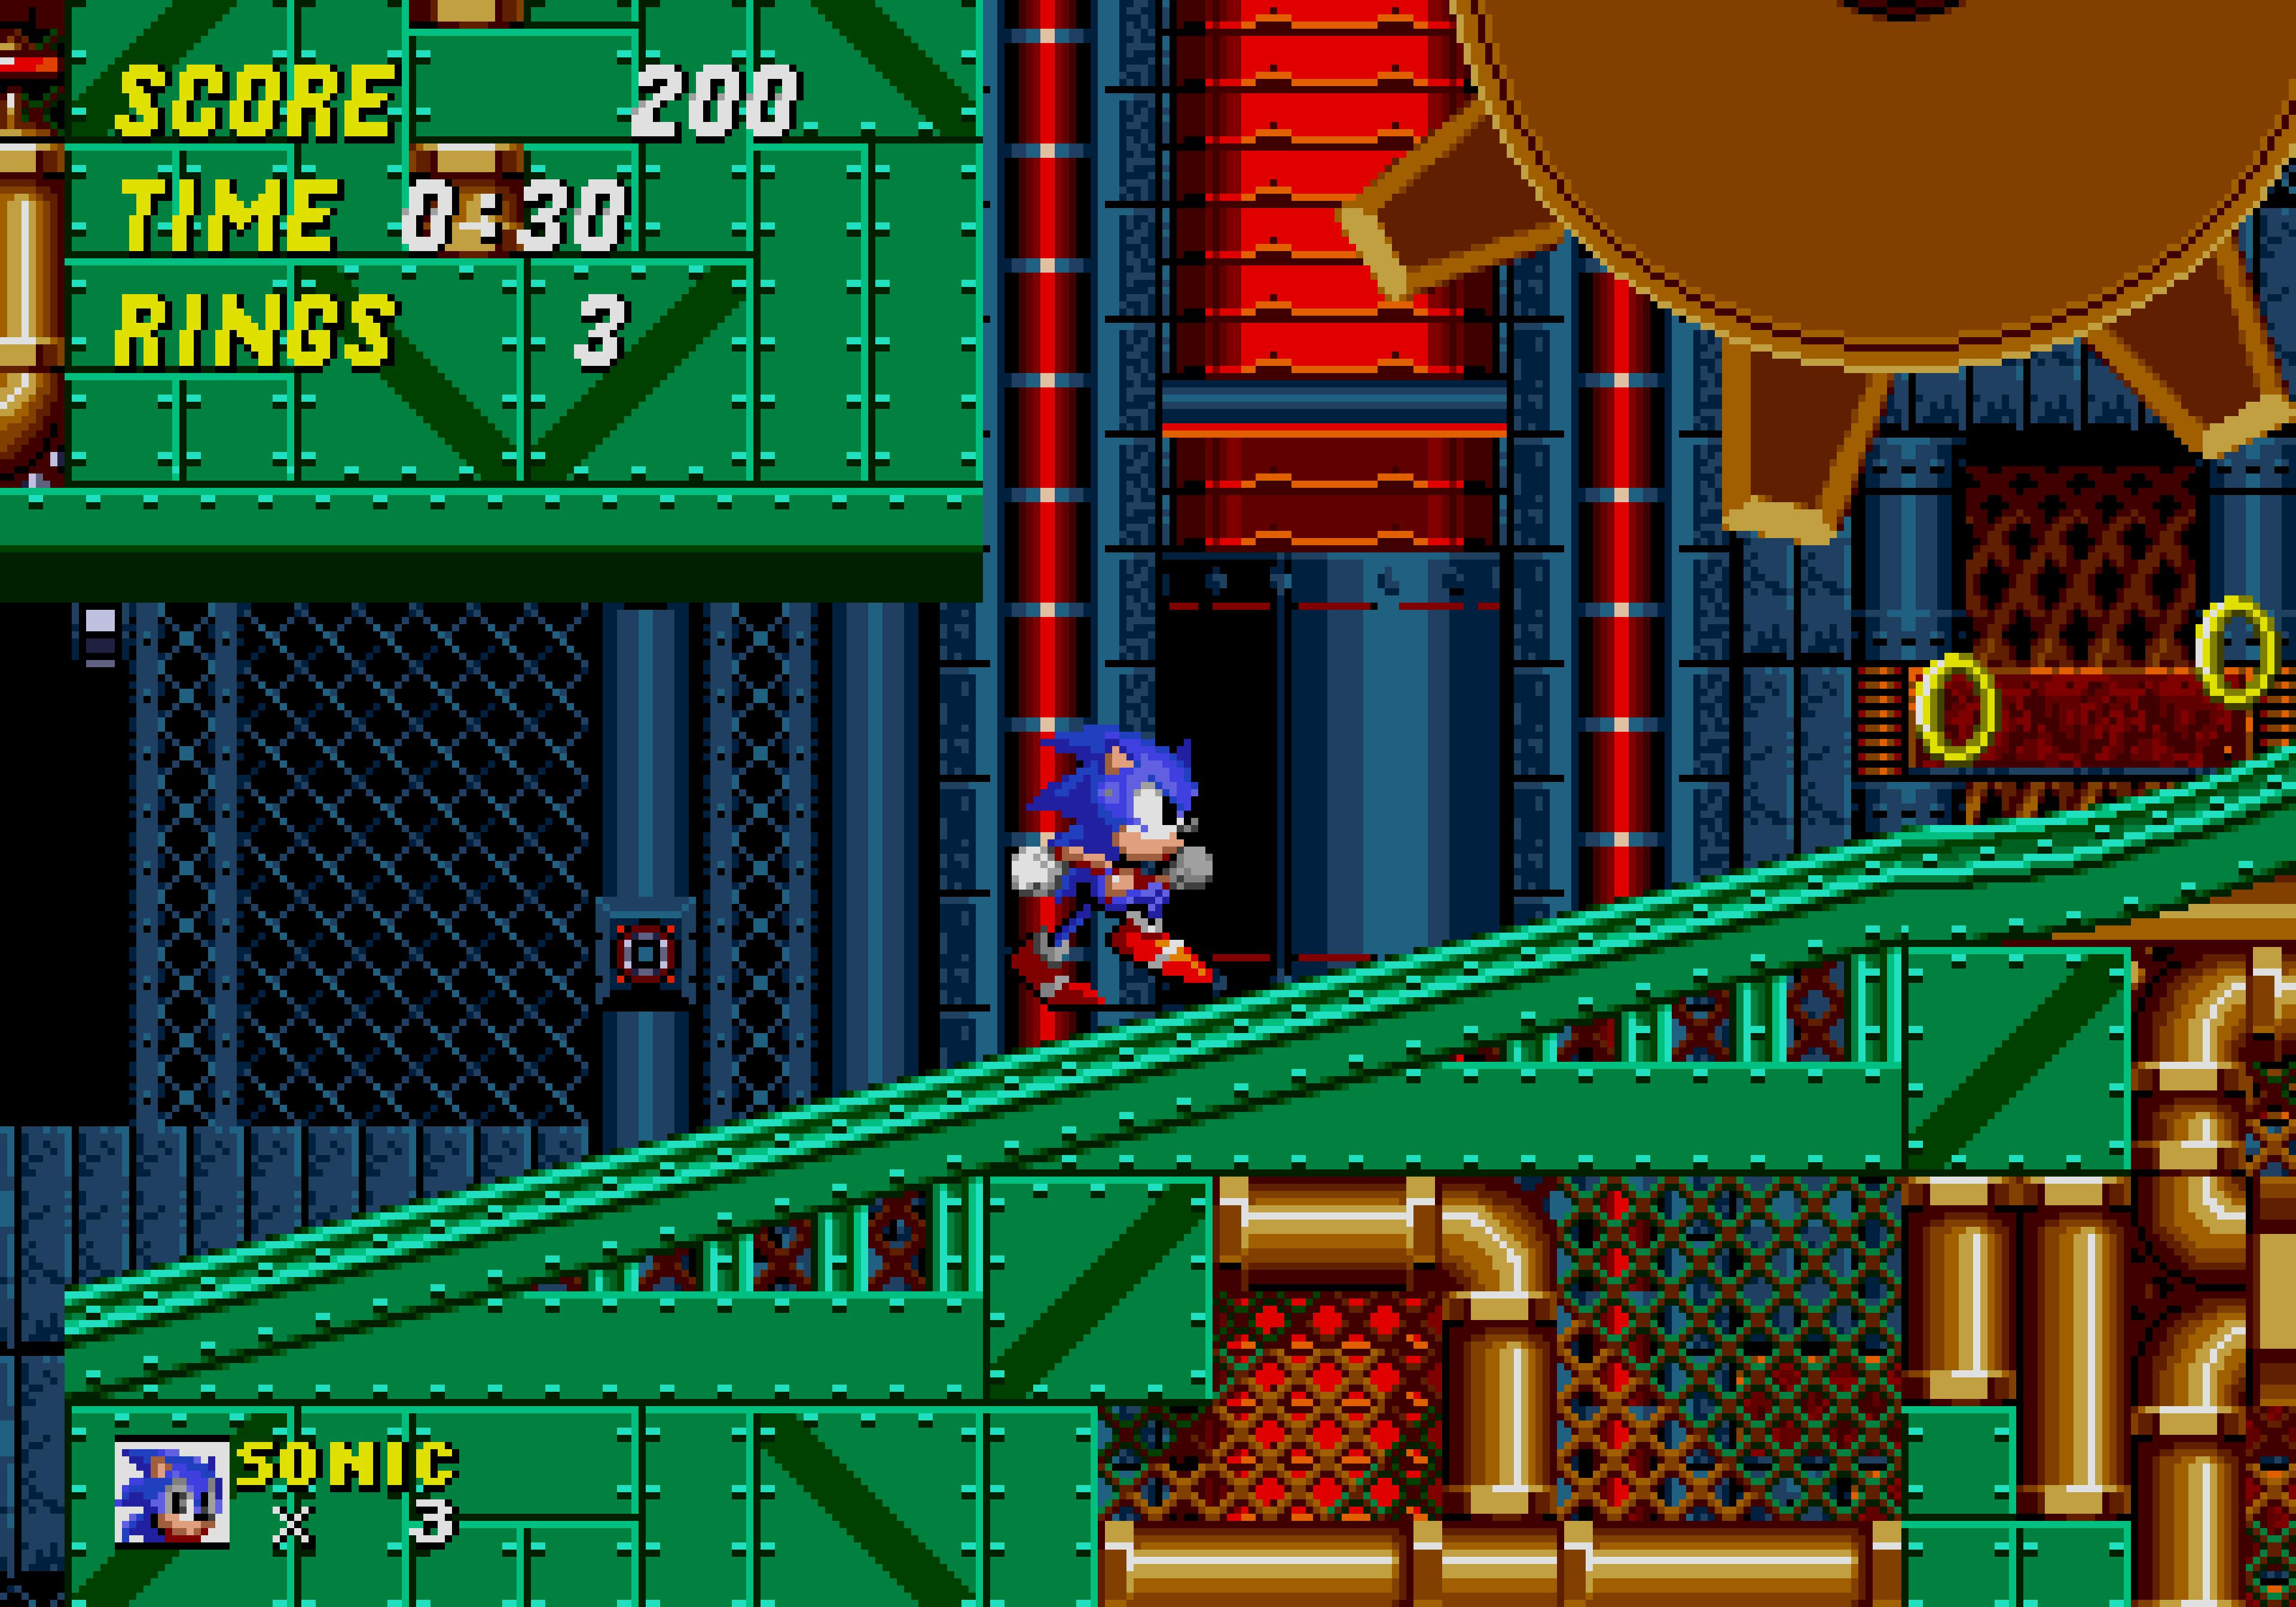 Sonic 2's Metropolis Zone